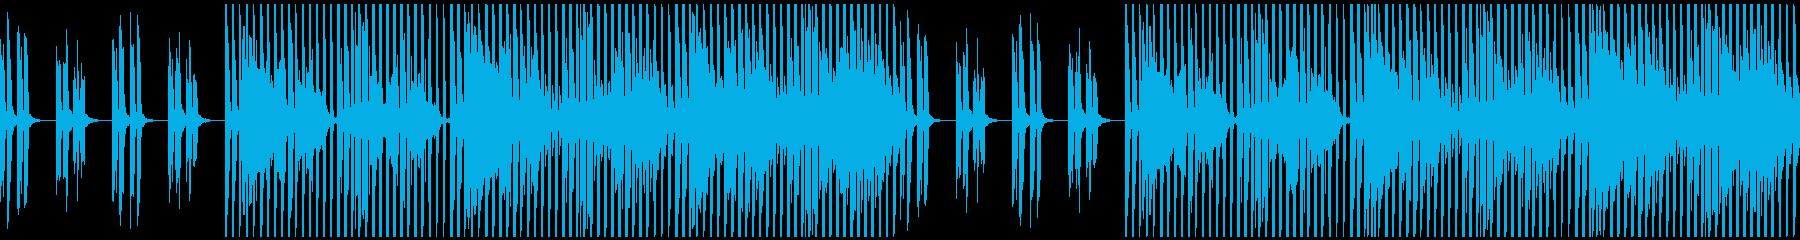 企業VP/映像/おしゃれ/テクノ/浮遊感の再生済みの波形